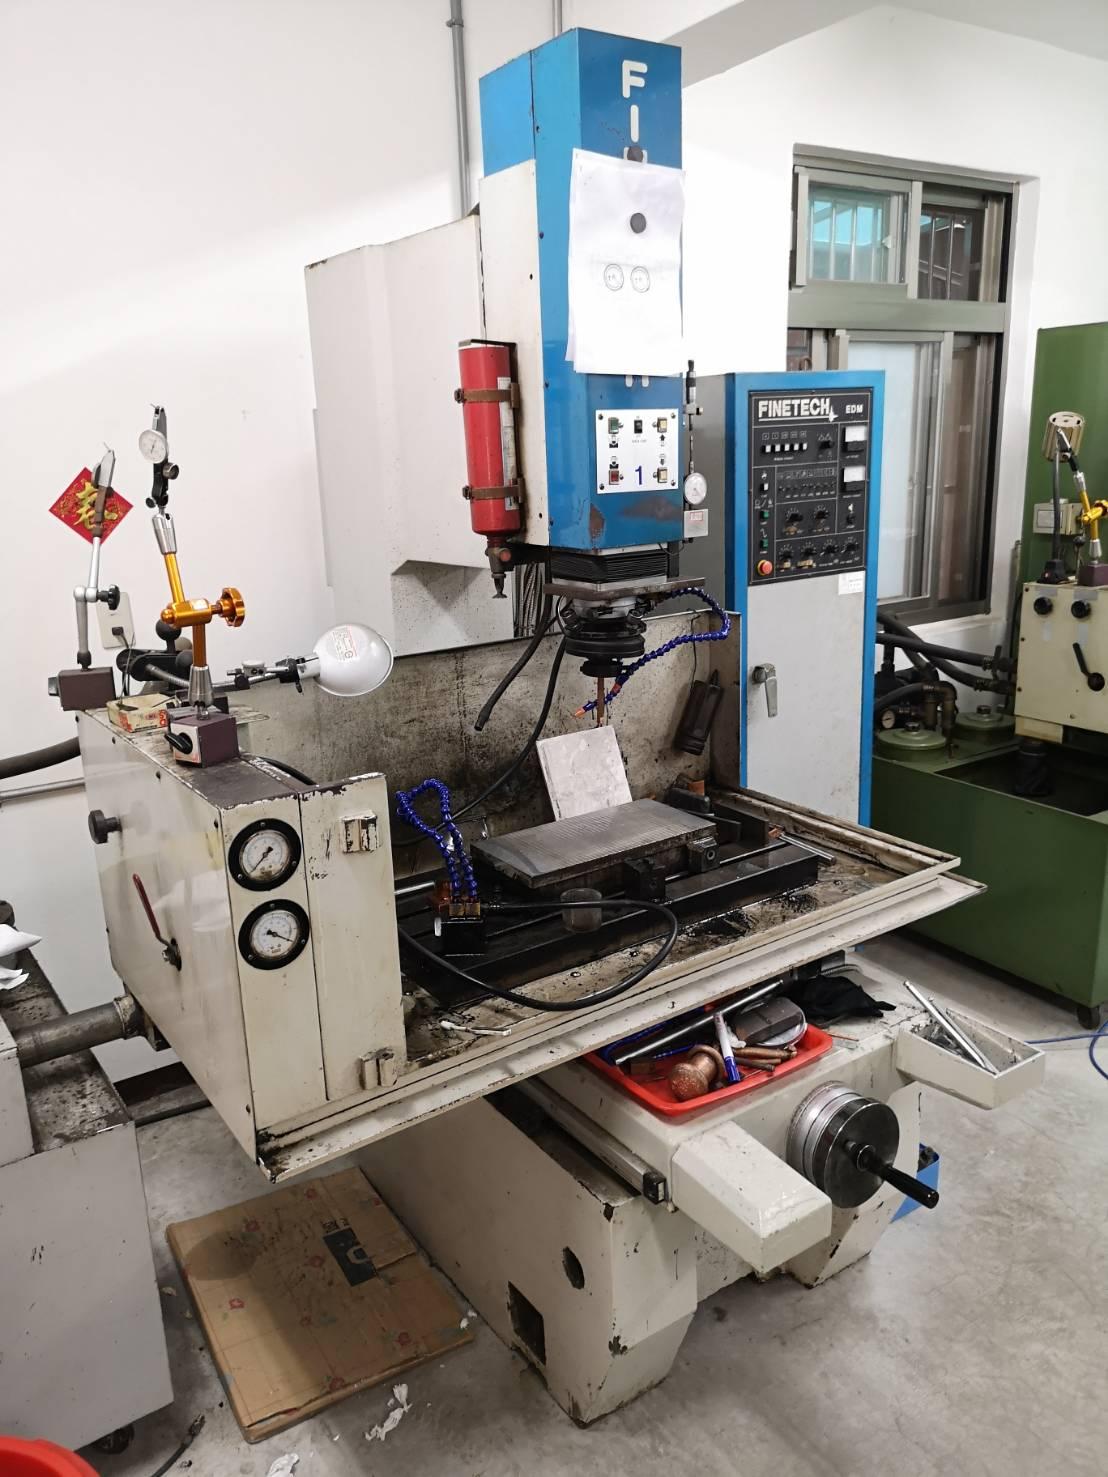 其他生產設備-拿吉鋼模,新北壓鑄廠,鋅鋁合金壓鑄,台北壓鑄廠,桃園壓鑄廠,新北模具開發設計